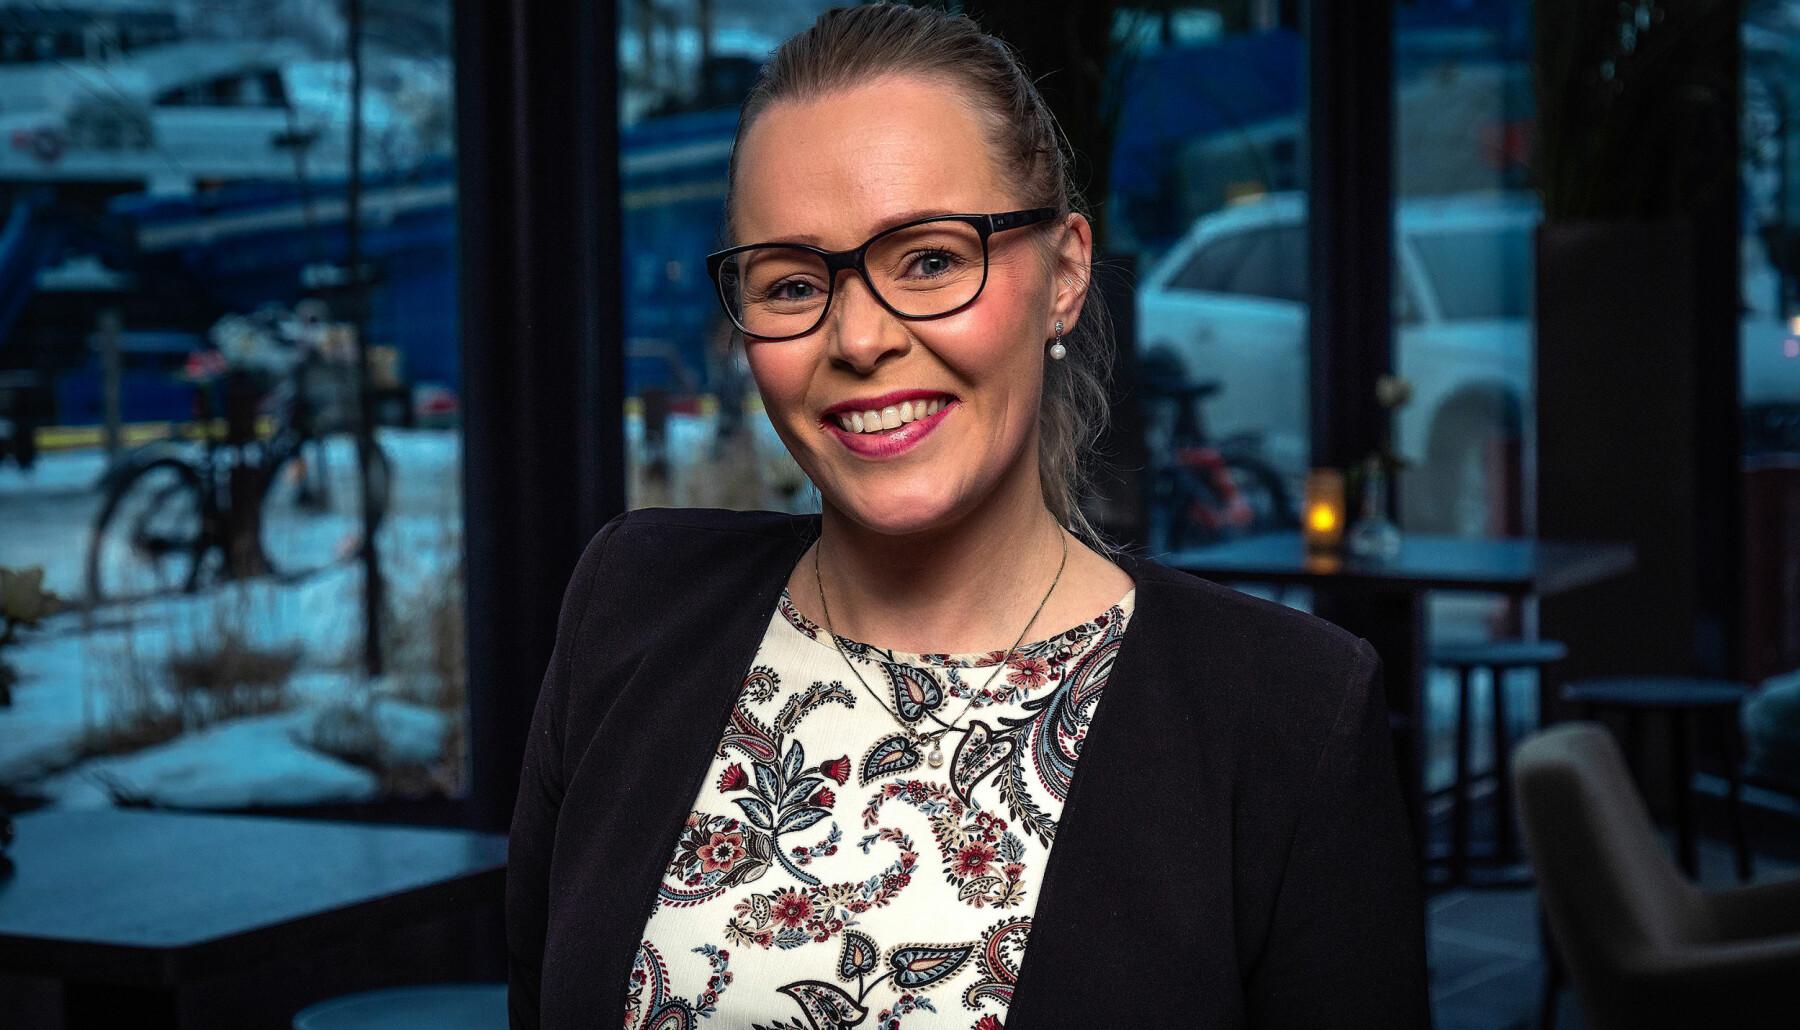 HELT SJEF: Ida Kristine Jakobsen (33) ble hotelldirektør på Clarion The Edge i Tromsø vinteren 2019, og rakk et års normal drift før pandemien rammet. Nå gleder hun seg til å vende tilbake til normalen igjen.